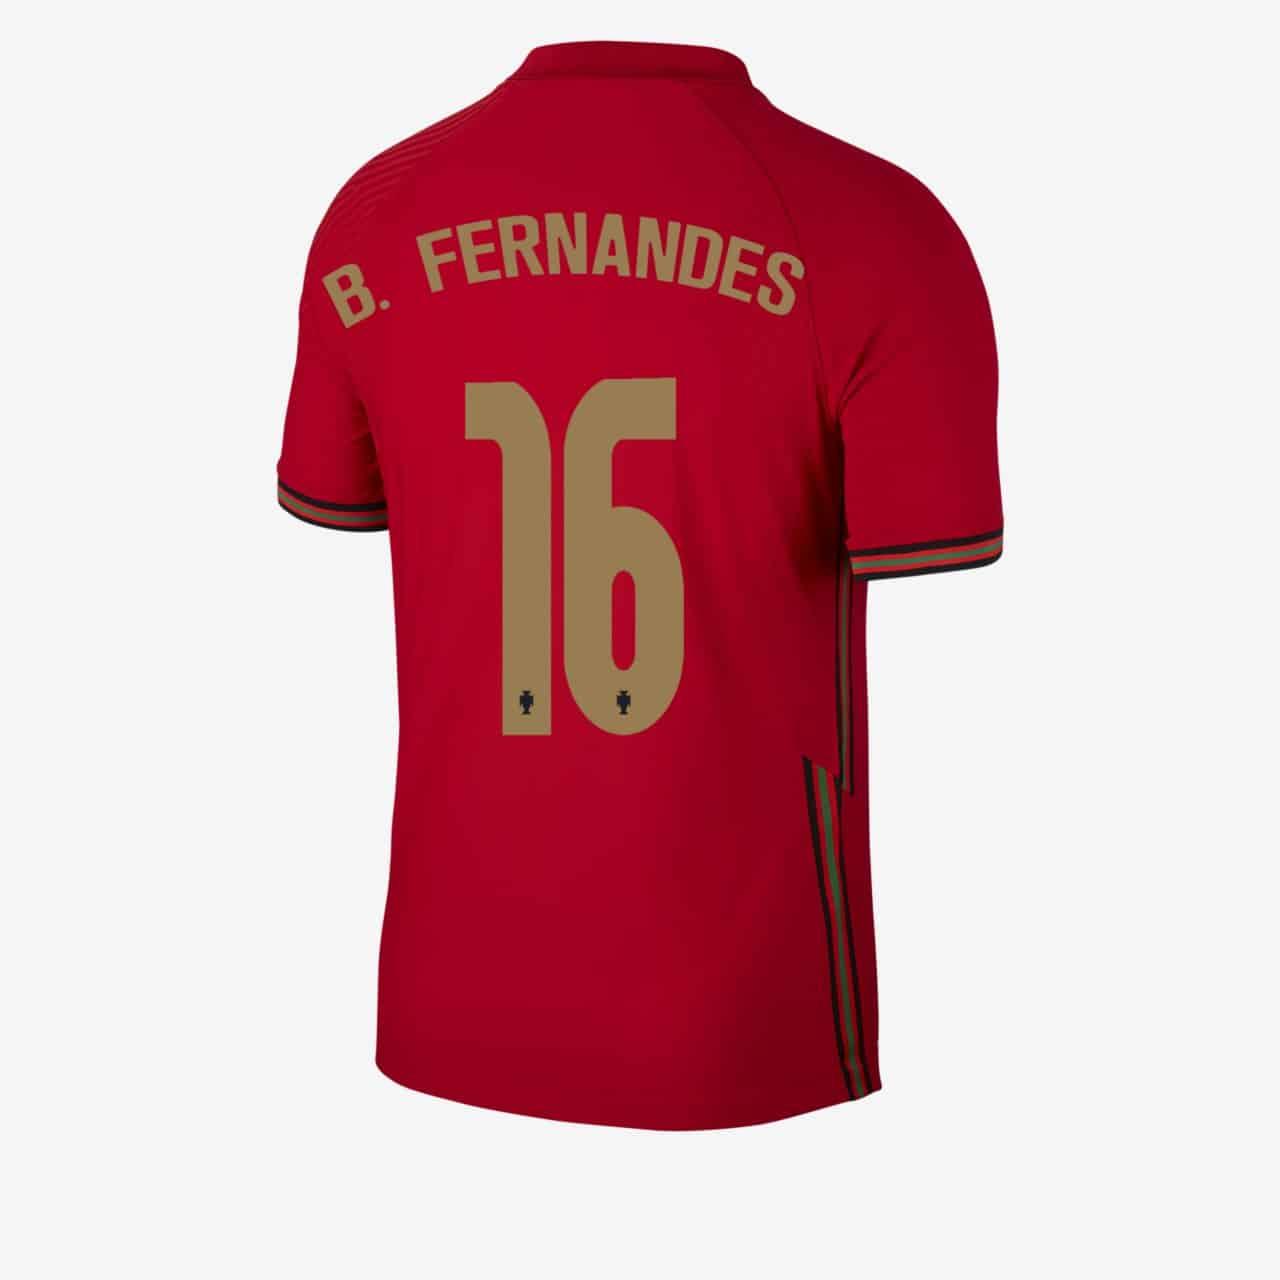 flocage-maillot-portugal-bruno-fernandes-16